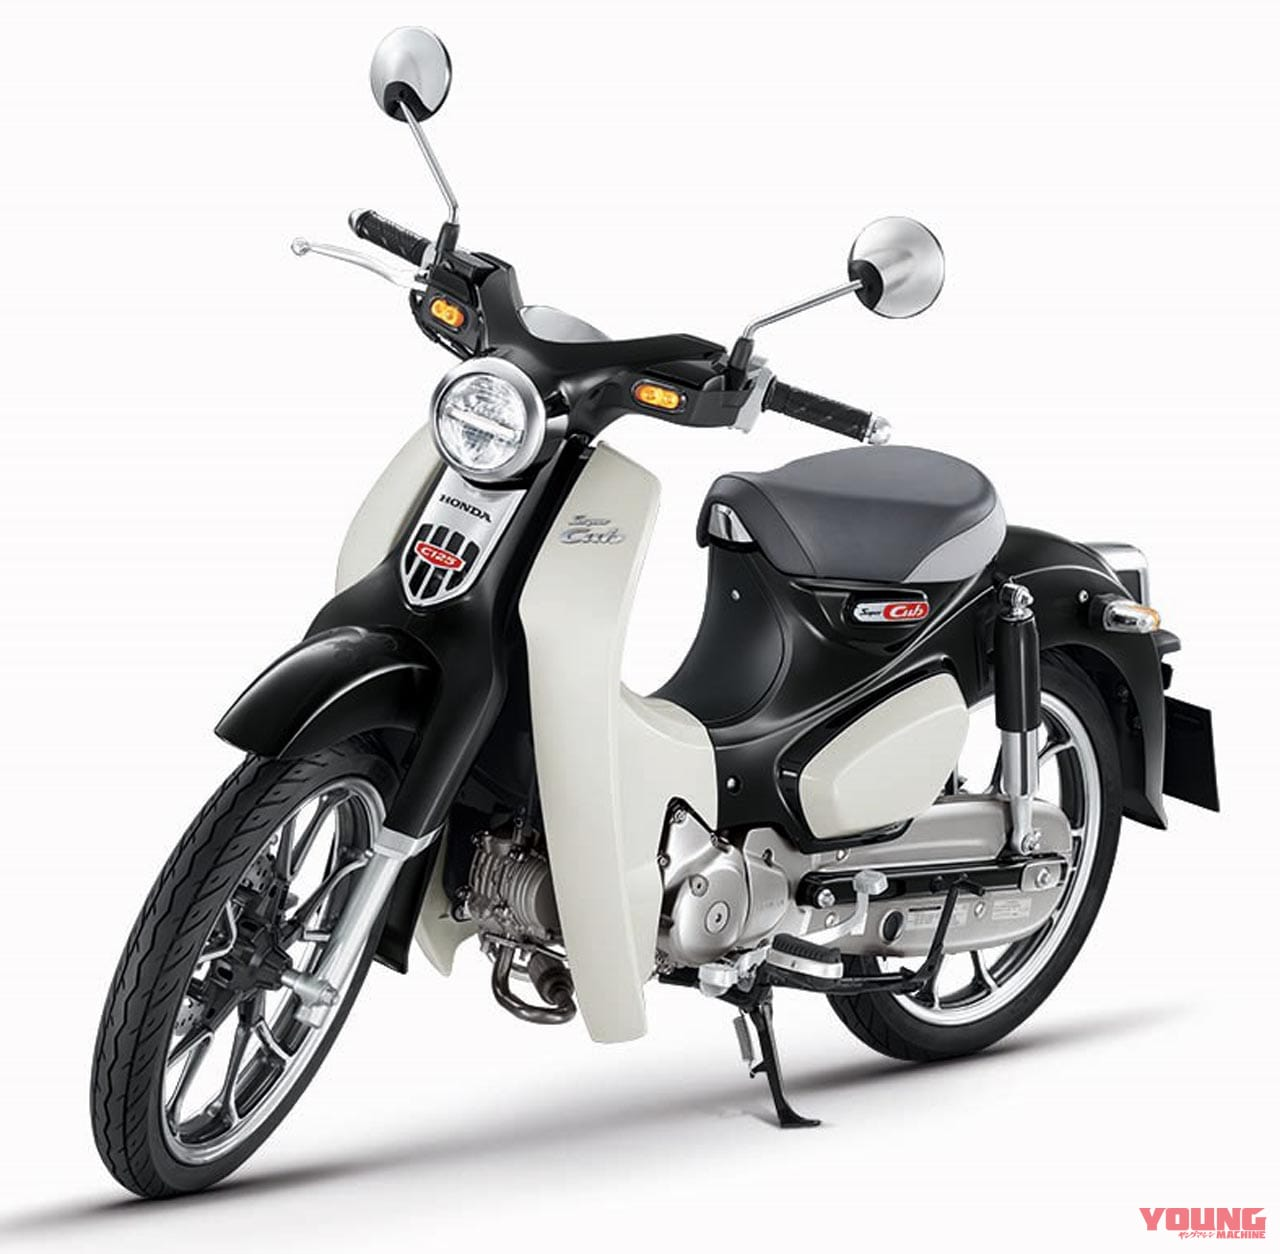 ホンダ スーパーカブC125/モンキー125【ブラック発売確定!】海外ではこんな色のカブも登場